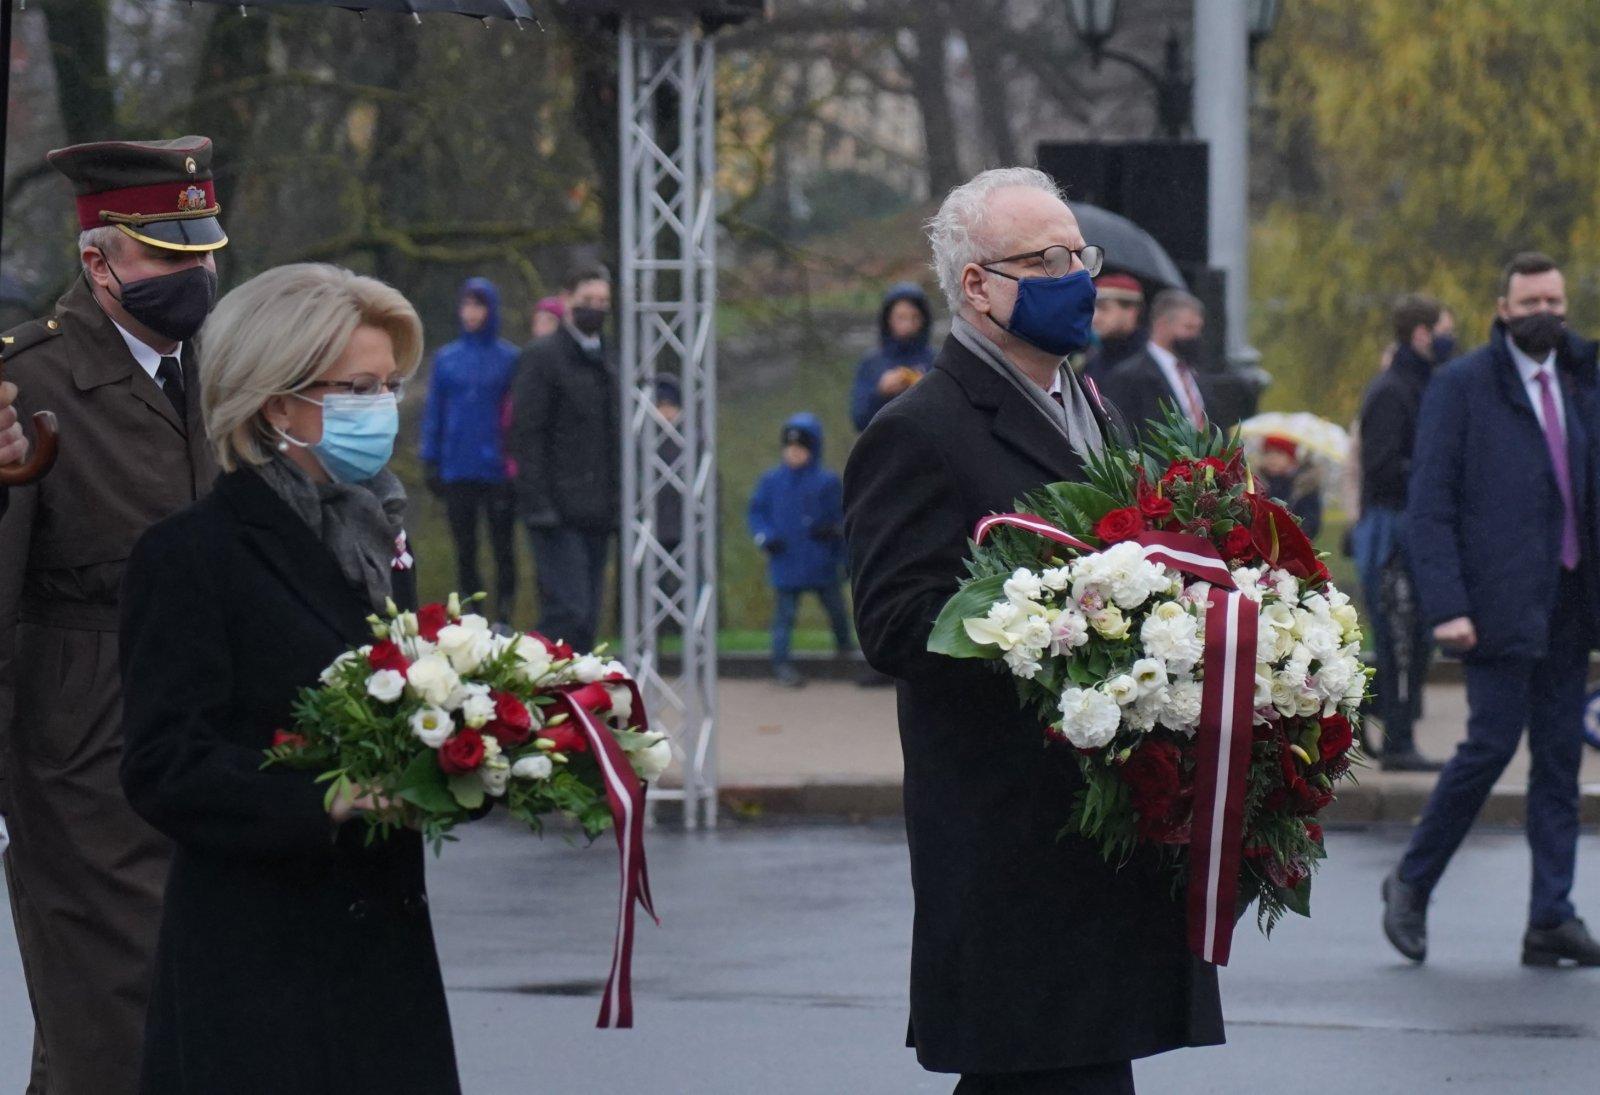 11月18日,在拉脫維亞首都里加,拉脫維亞總統萊維茨(前右)、議長穆爾涅採(前左)向自由紀念碑獻花。(新華社)